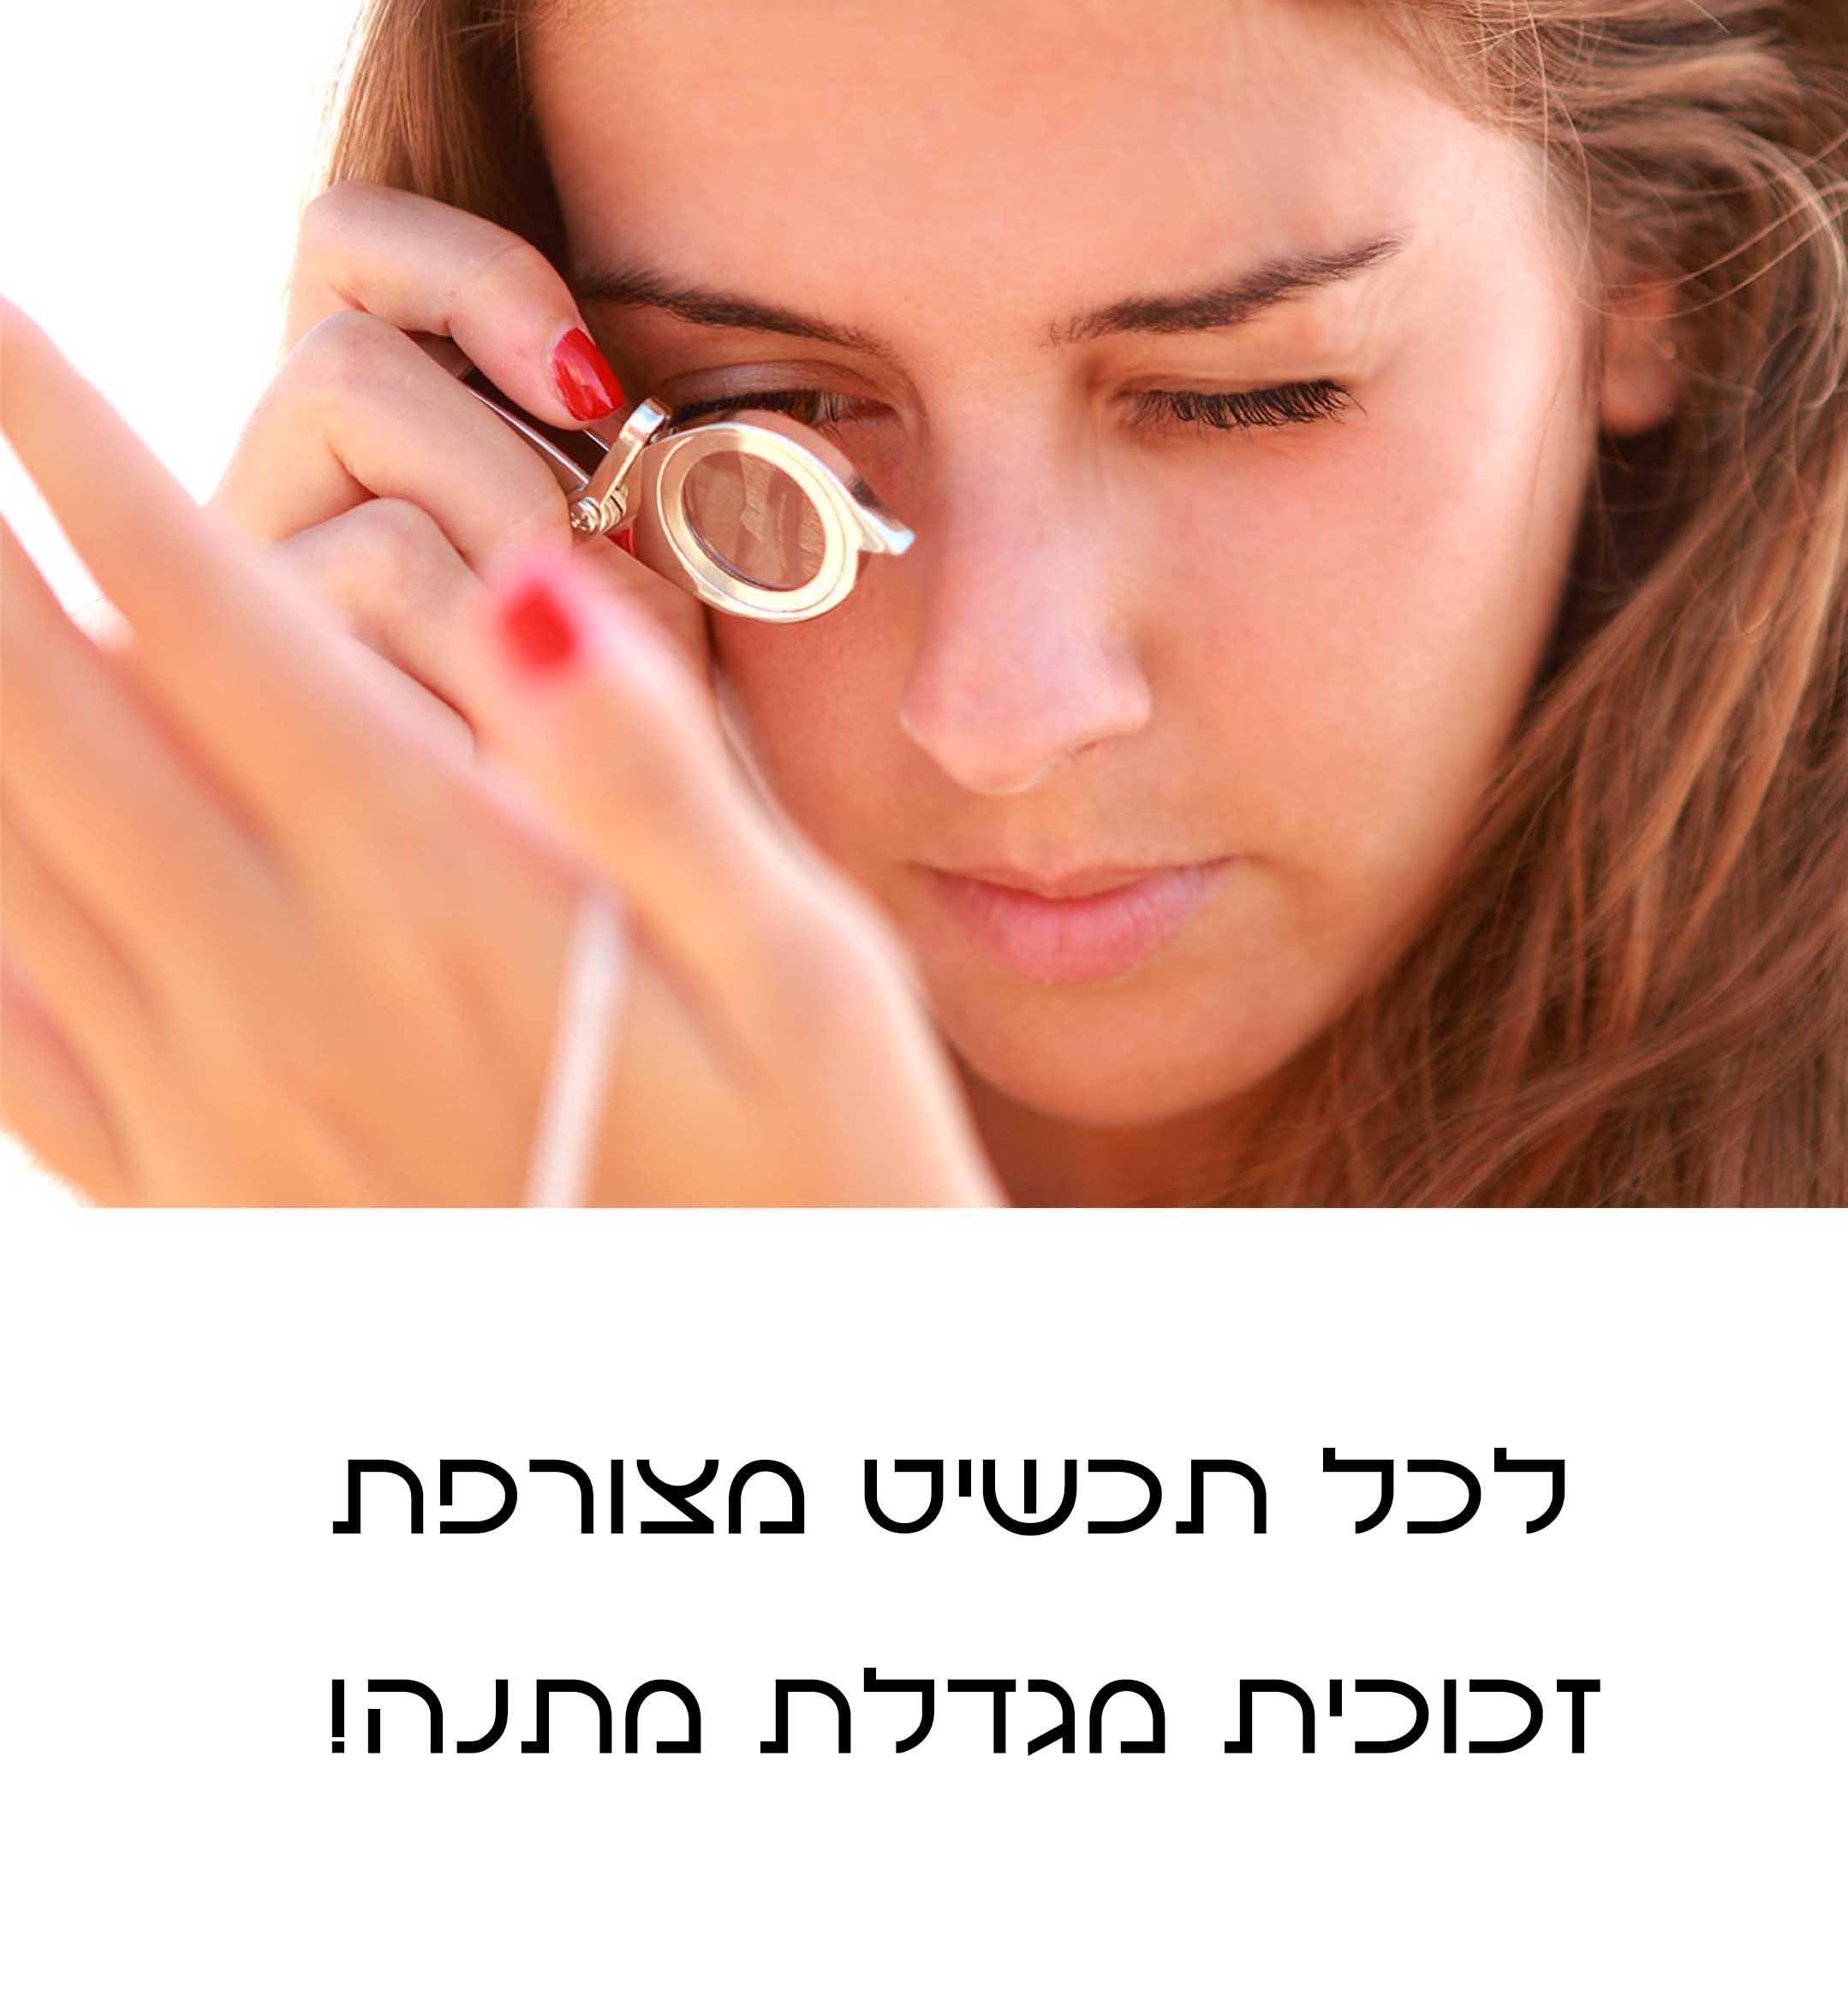 13 מתנות לבר מצווה– שרשרת מגן דוד עם שמע ישראל - תכשיטי ננו13 מתנות לבר מצווה– שרשרת מגן דוד עם שמע ישראל - תכשיטי ננו